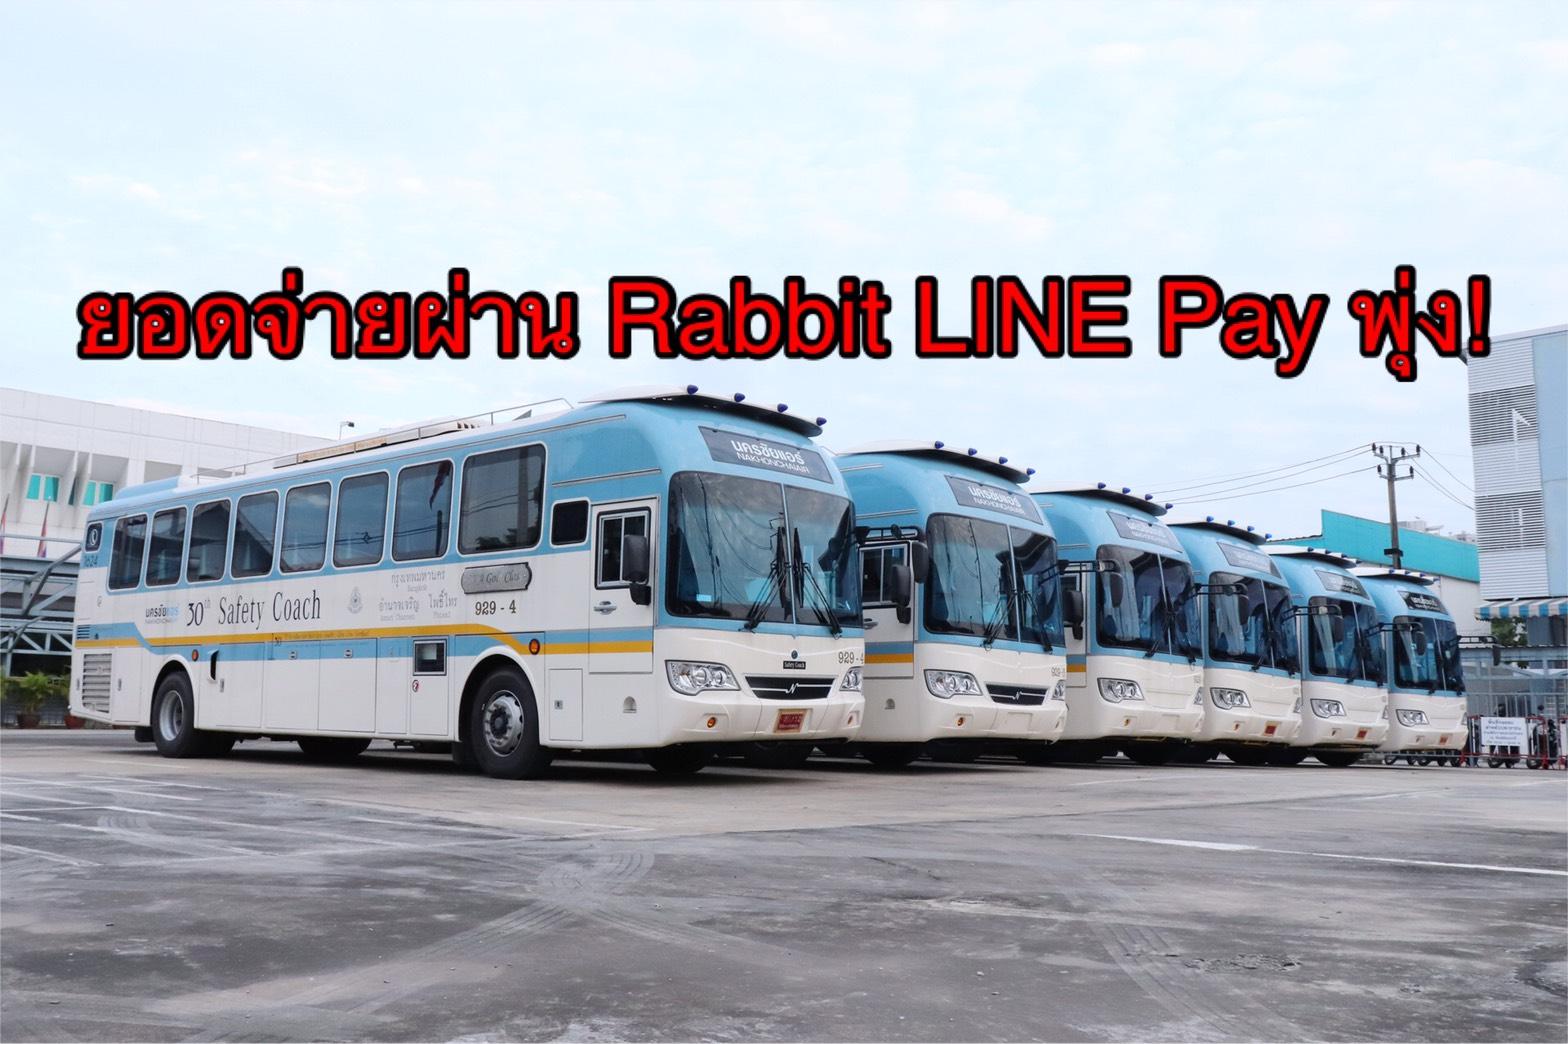 ยอดจ่ายค่าตั๋ว 'นครชัยแอร์' ผ่าน Rabbit LINE Pay พุ่ง! 2 เดือน มีผู้ใช้ 4 พันราย